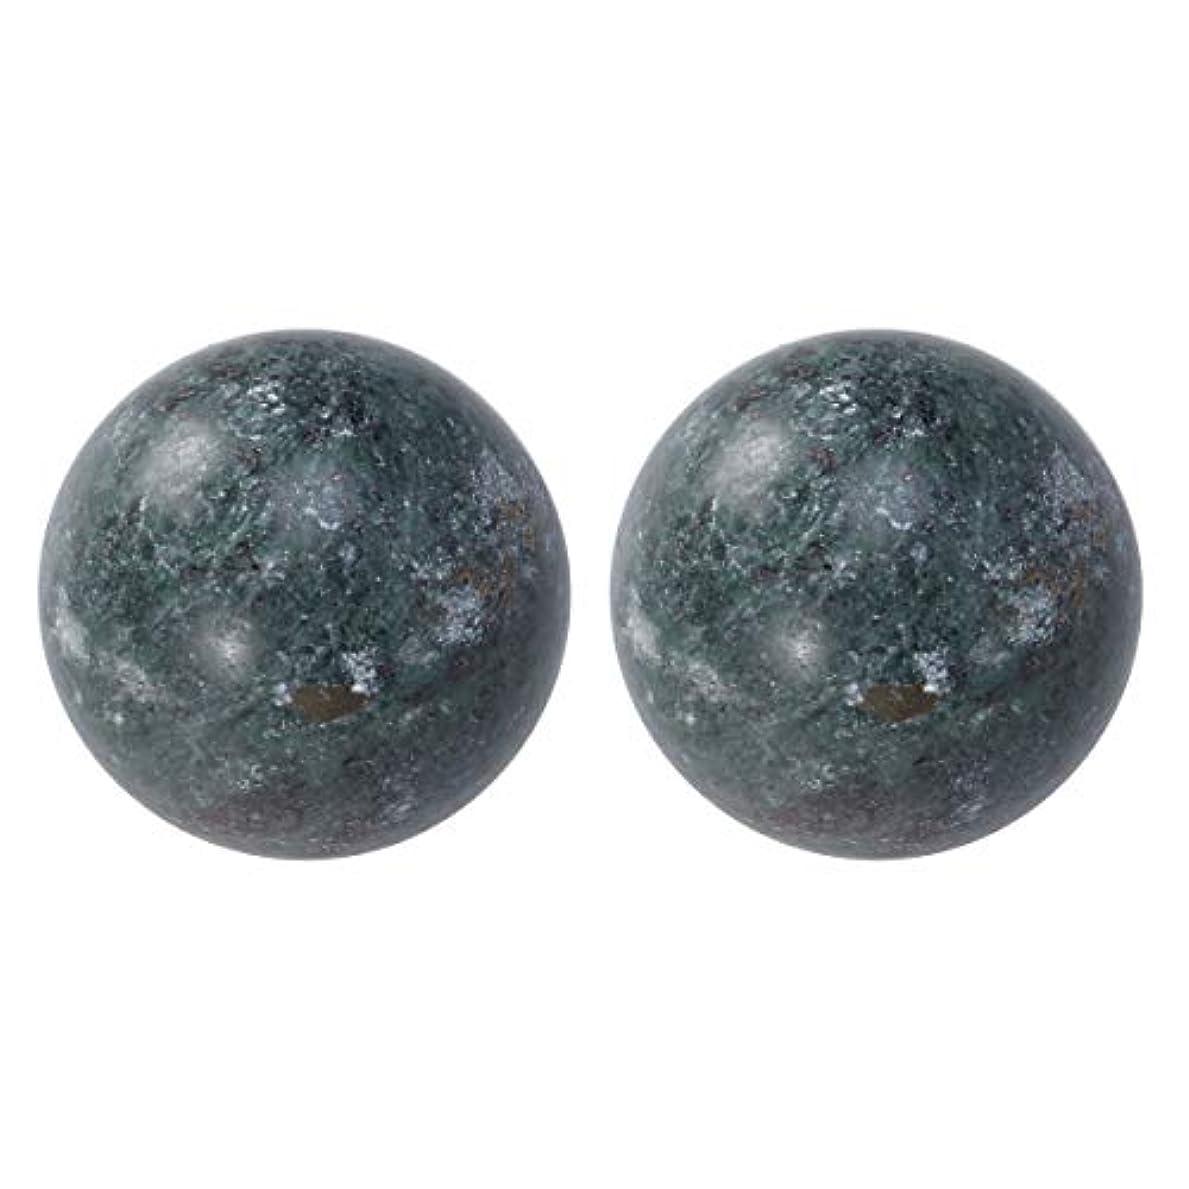 順応性のある残るあいまいなHEALIFTY 2個の自然の翡翠手球ダークグレー中国の健康運動ボーイングボール老人のためのストレスリリーフ(黒)